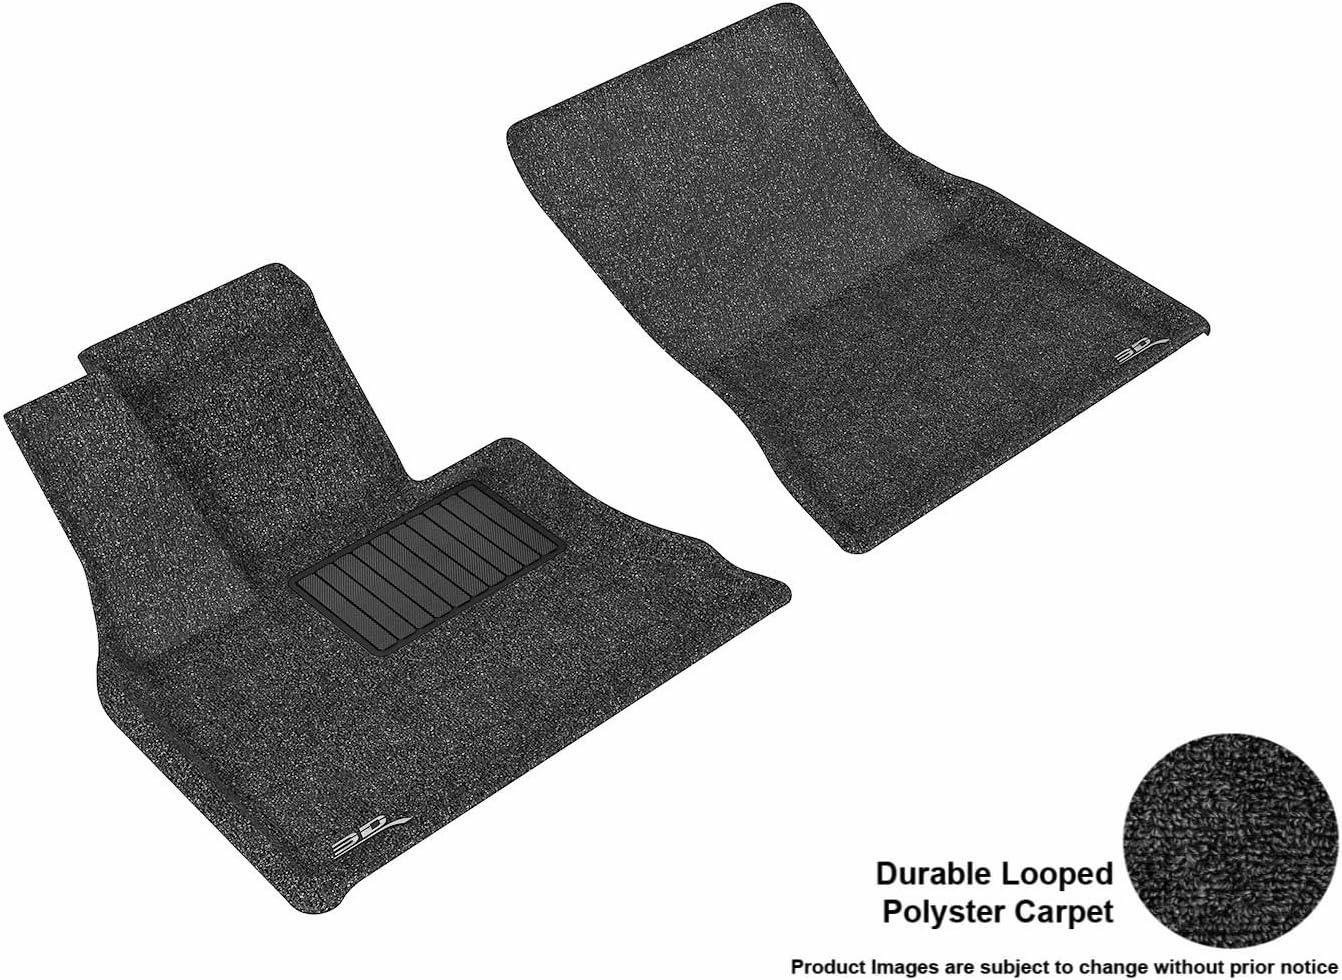 Black F15 // X6 Classic Carpet Models F16 3D MAXpider L1BM05512209 Front Row Custom Fit Classic Floor Mat for Select BMW X5